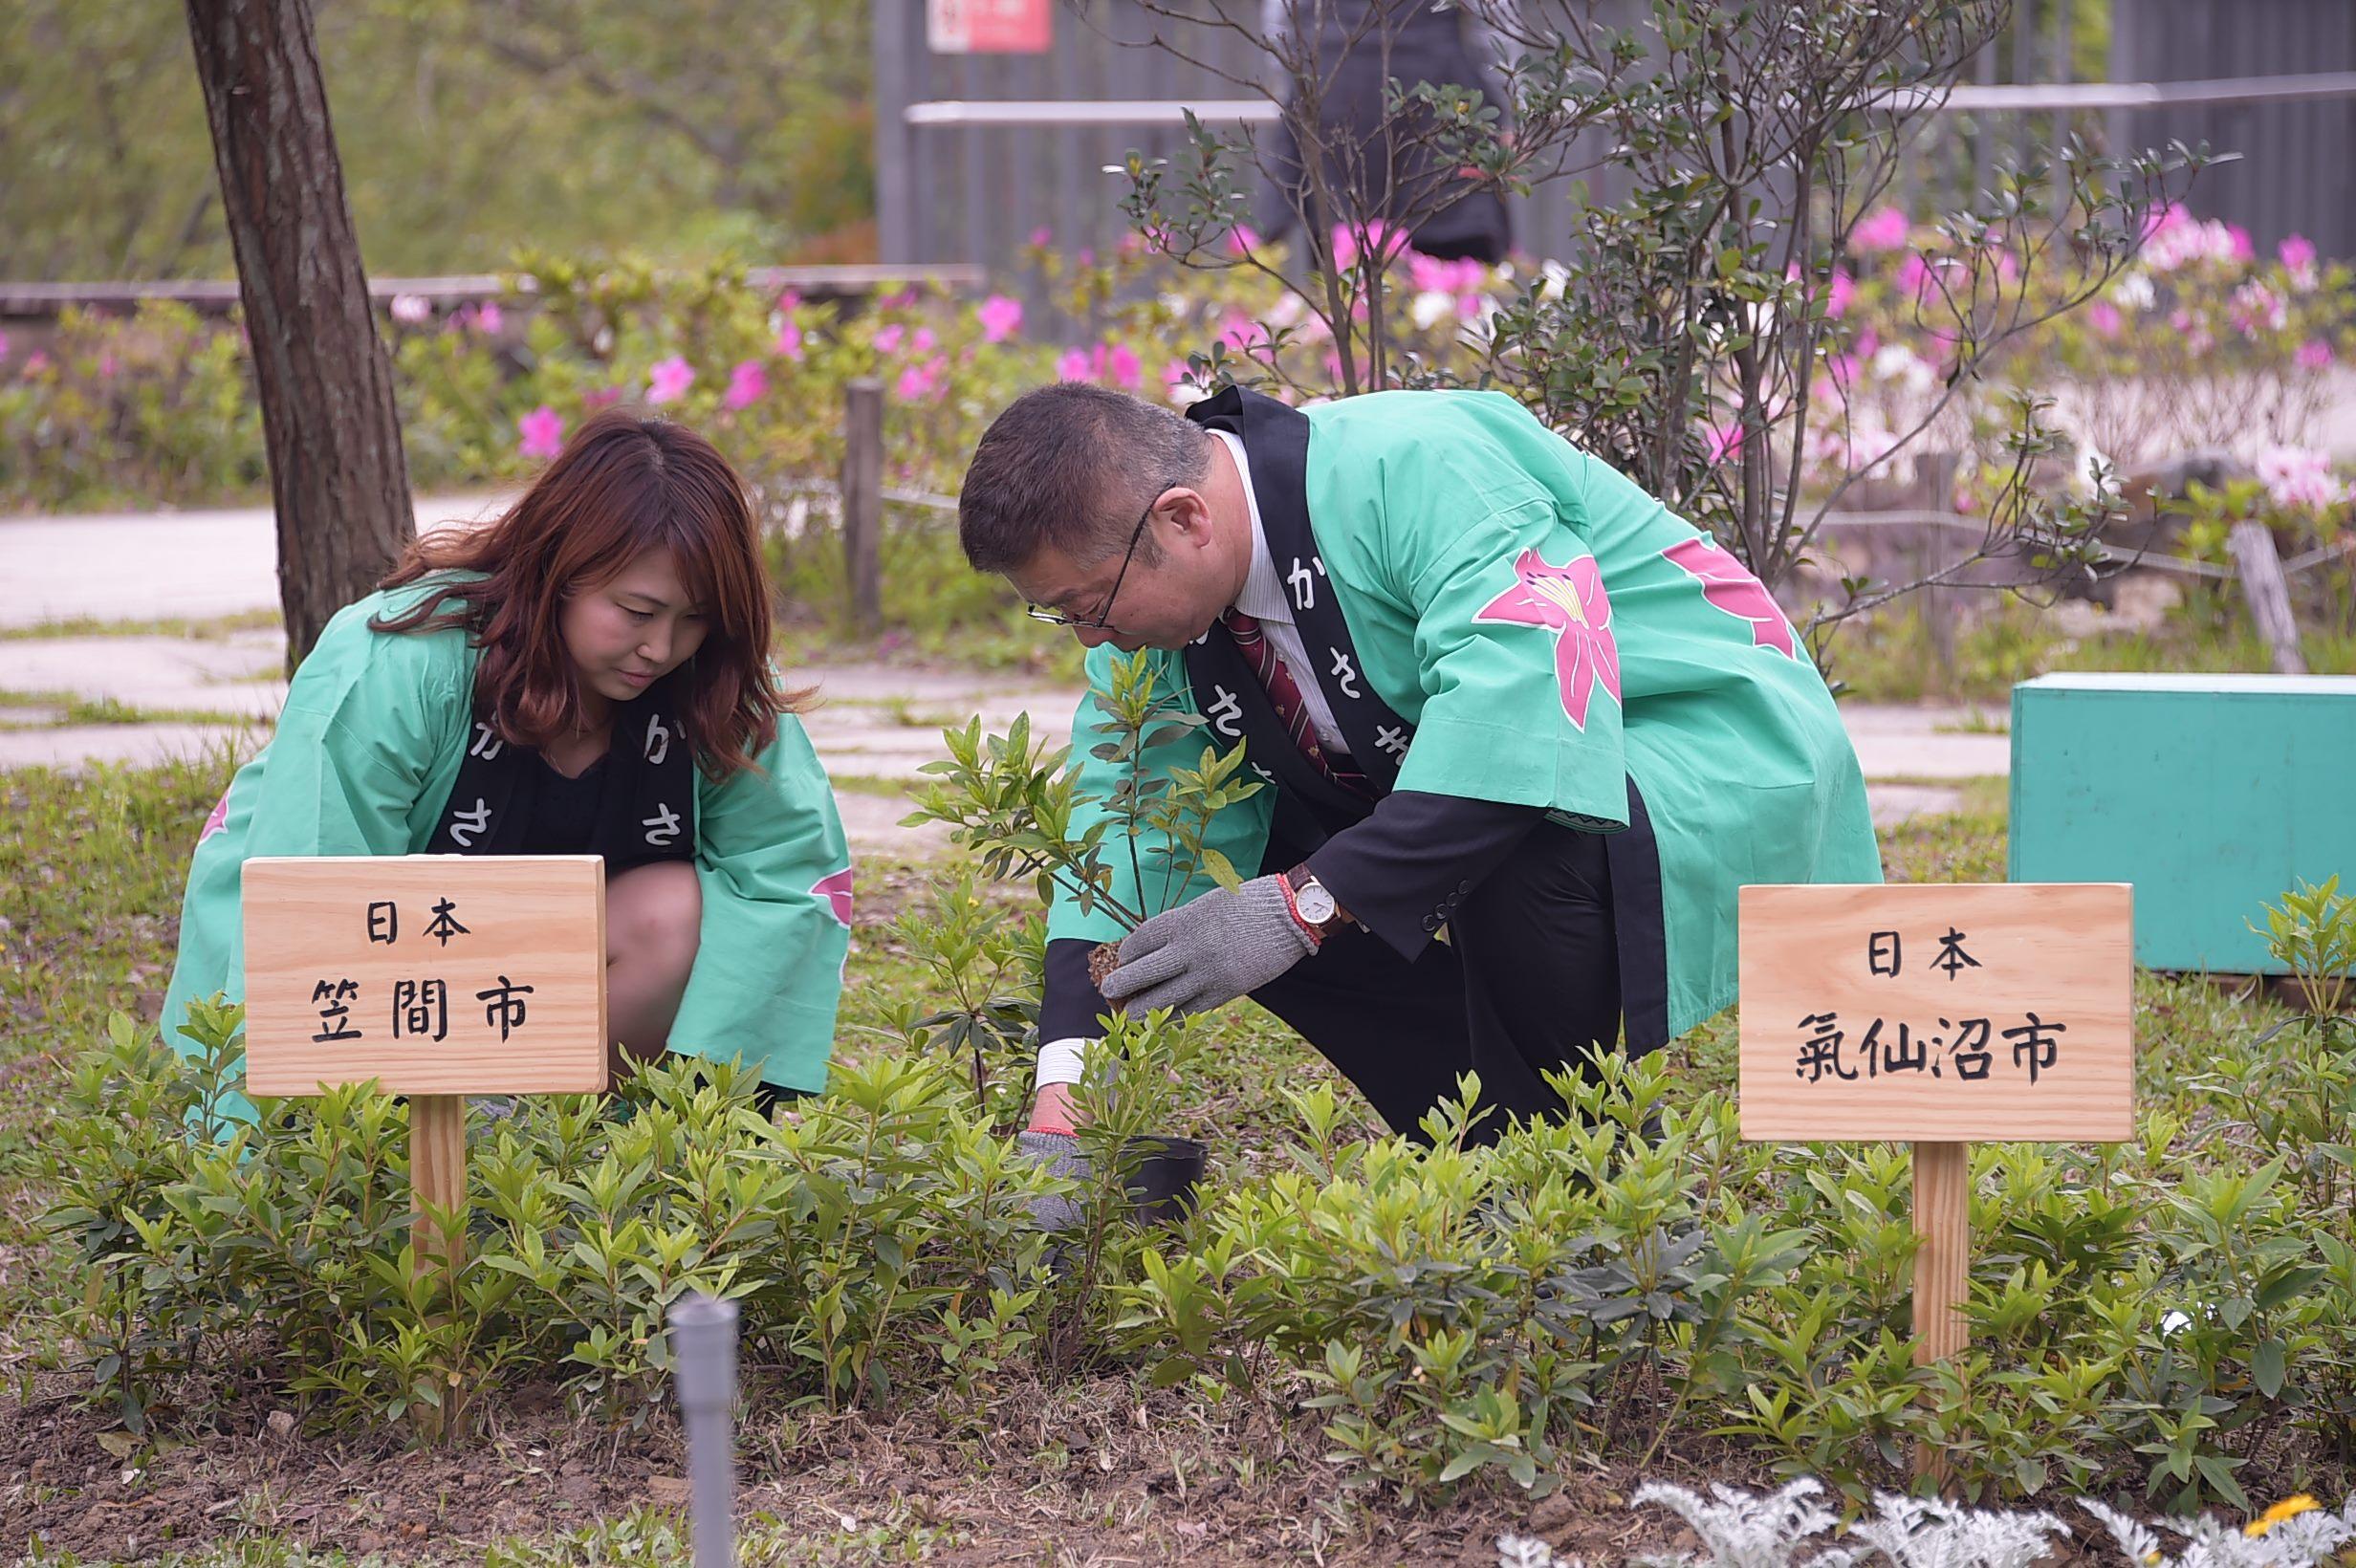 來自日本的杜鵑花城市參與臺北杜鵑花季,共同種植杜鵑花